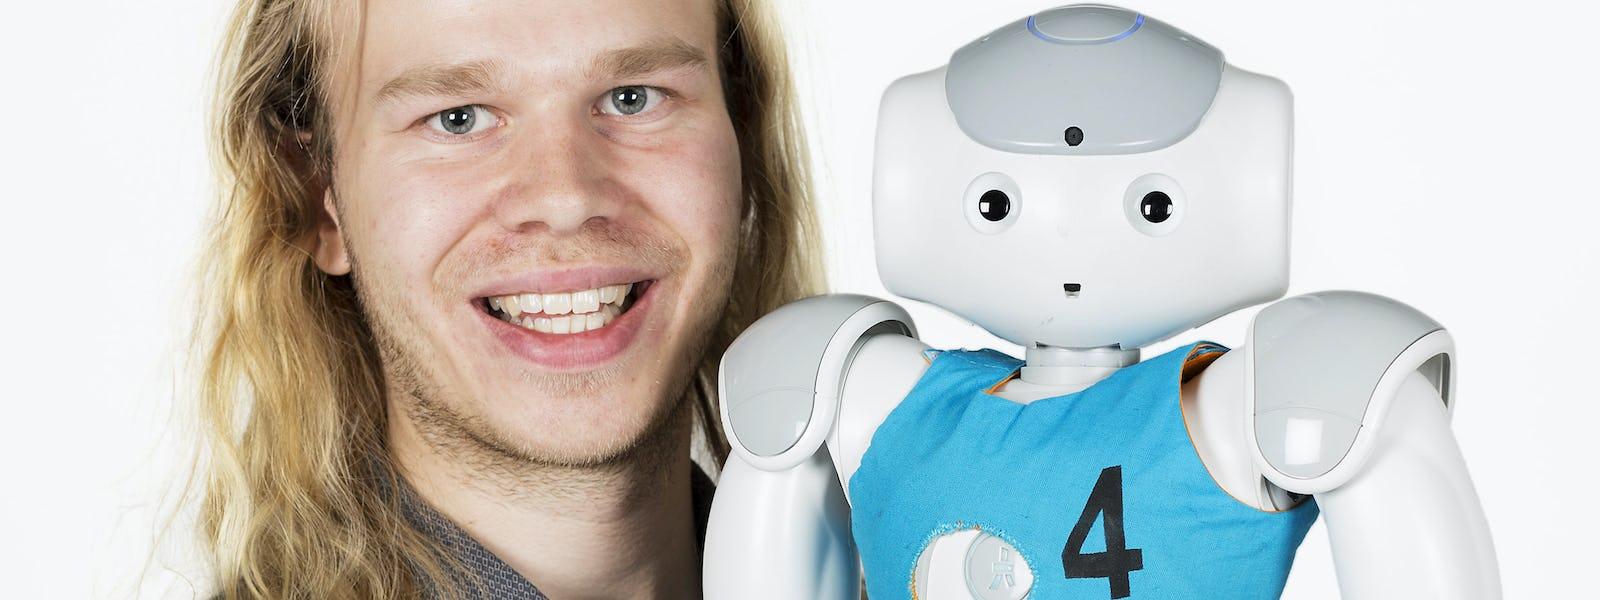 Bild - Träffa en robot som rockar!